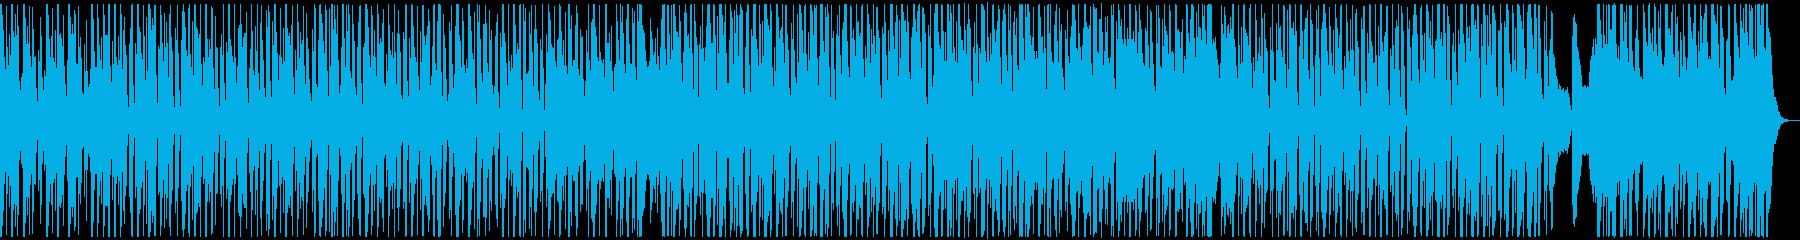 キラキラドリームの再生済みの波形